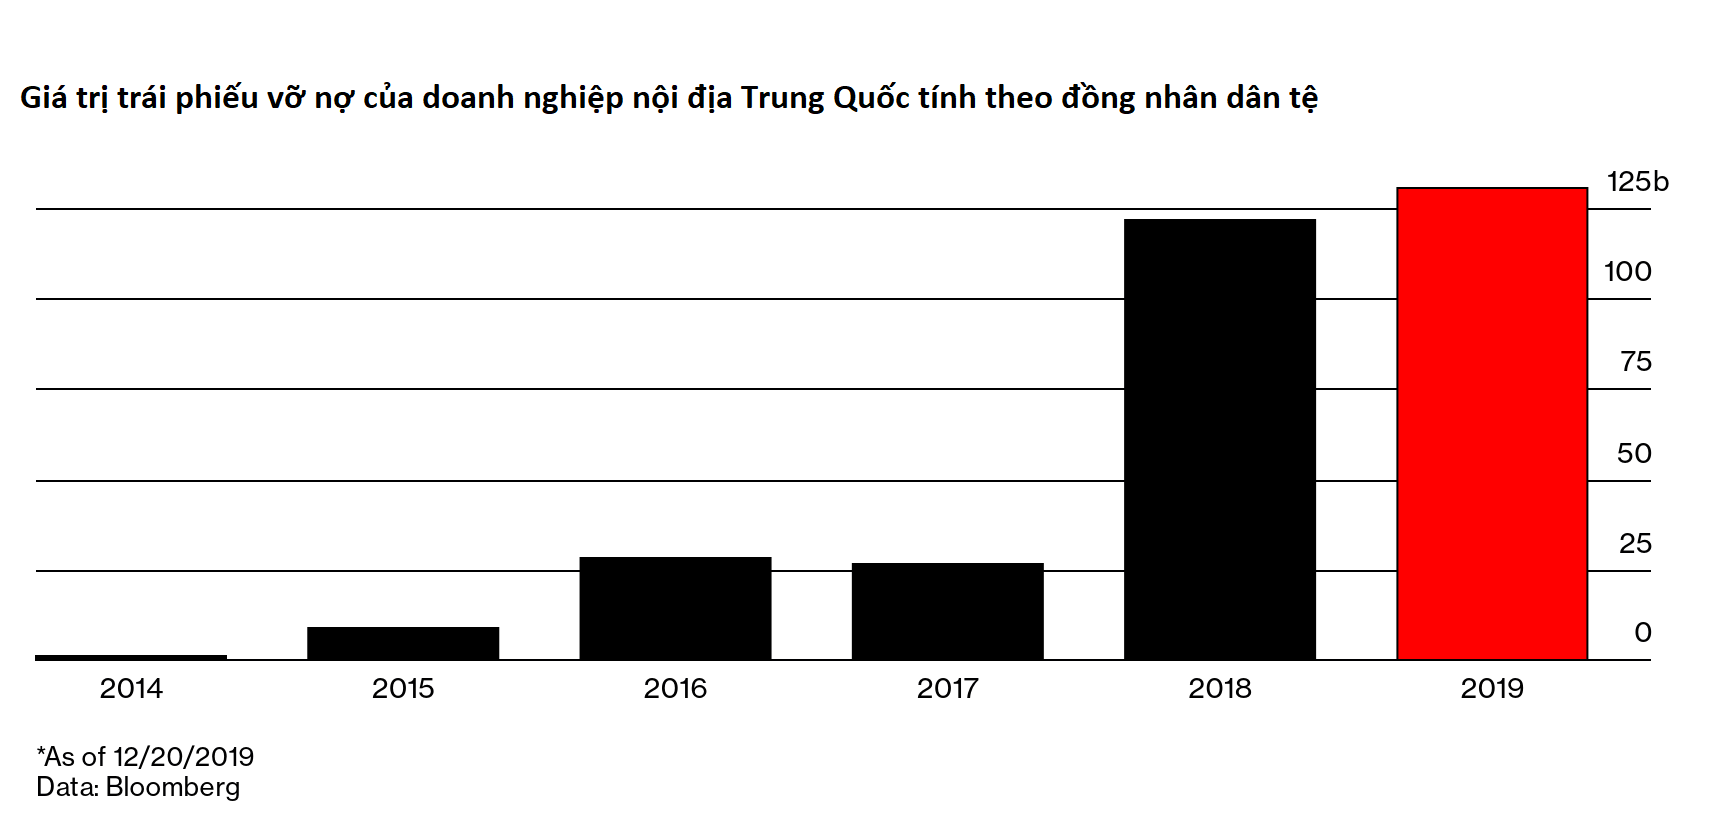 Trung Quốc có năm vỡ nợ trái phiếu kỉ lục, doanh nghiệp nhà nước hay ngân hàng do Thủ tướng Lý Khắc Cường công nhận đều có thể vỡ nợ - Ảnh 1.